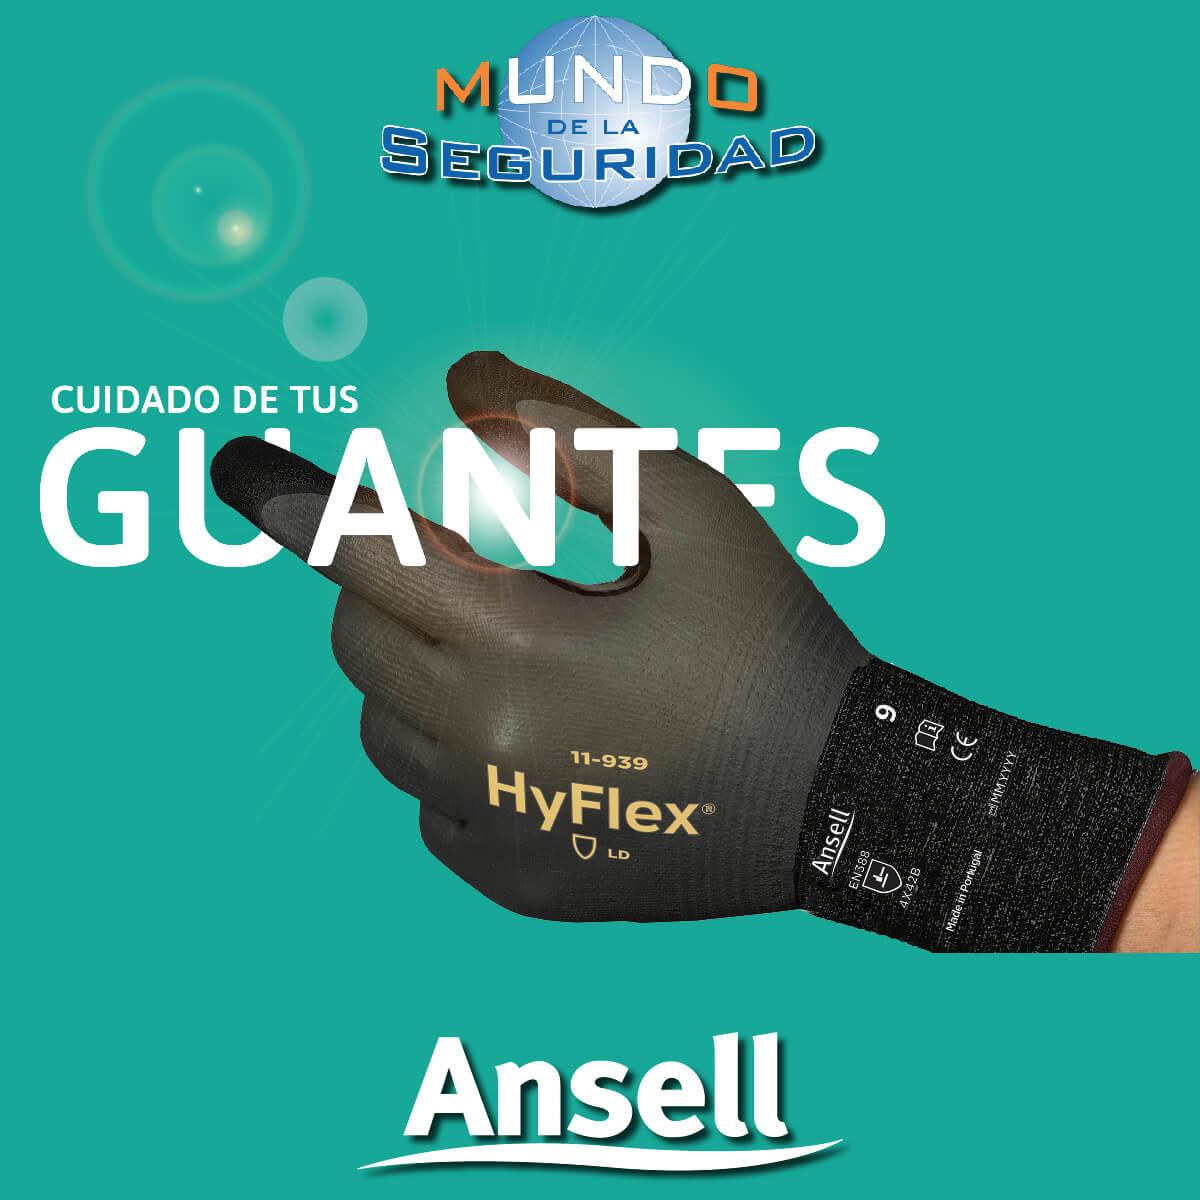 Cuidado guantes reutilizables Hyflex